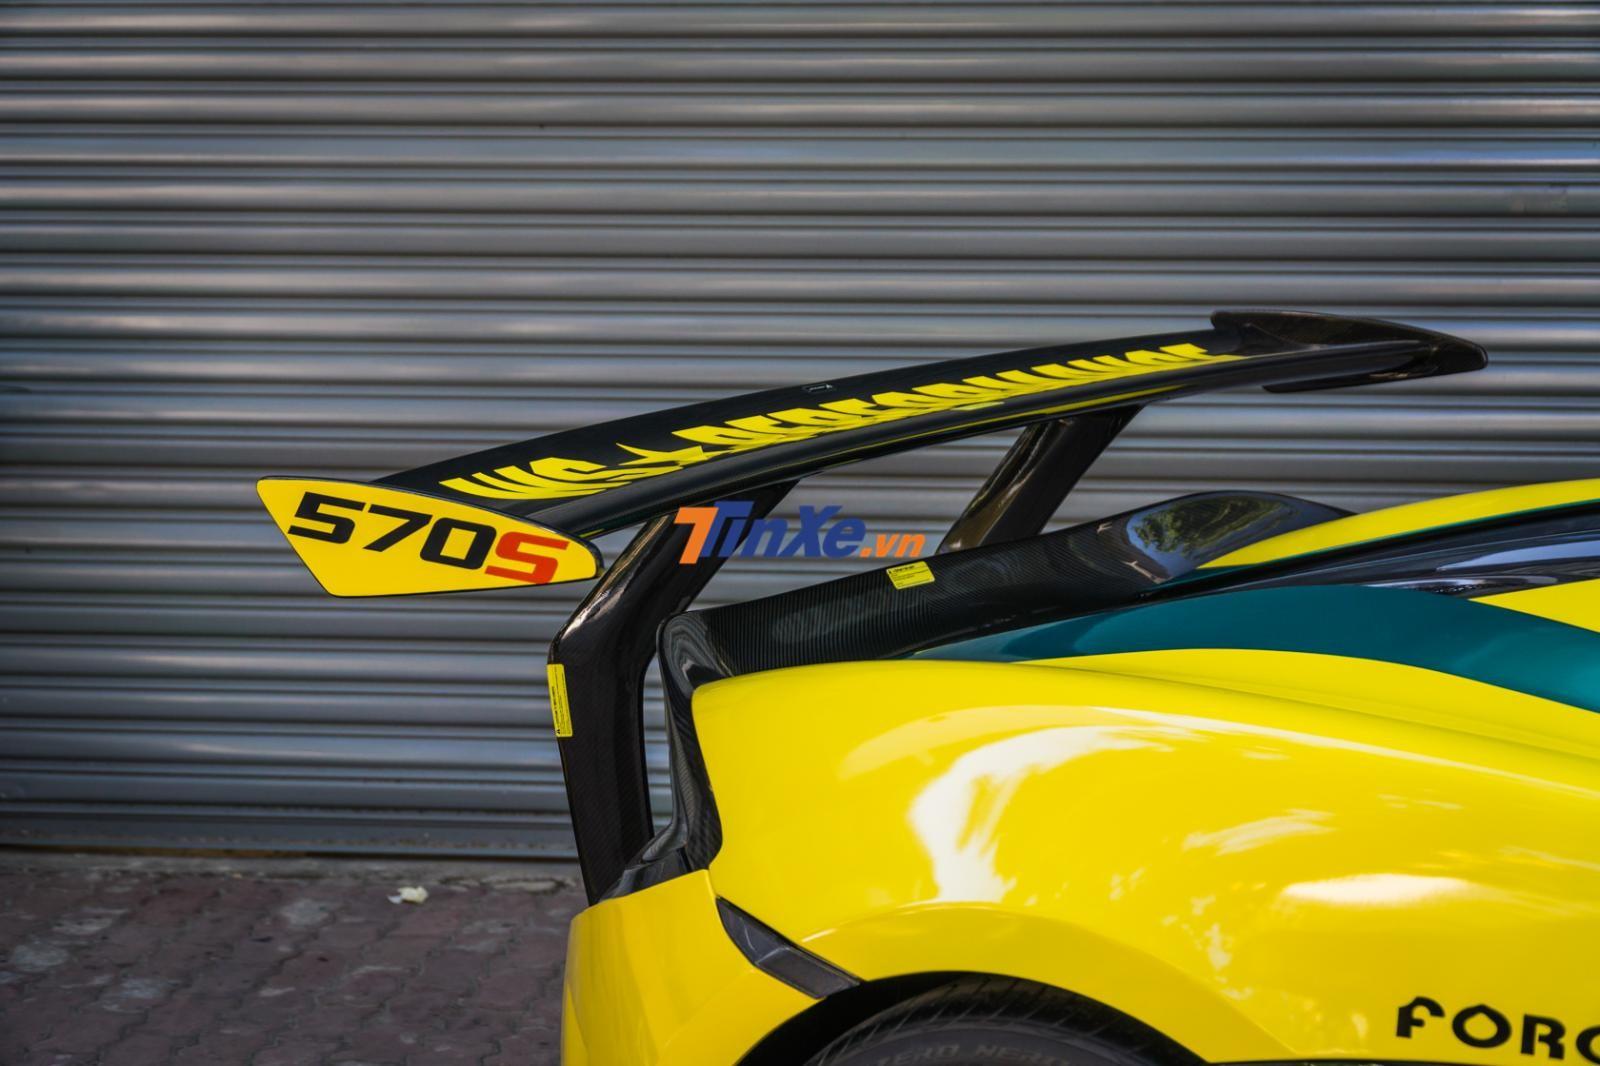 Cánh lướt gió độ của chiếc siêu xe McLaren 570S không còn đơn điệu với sợi carbon